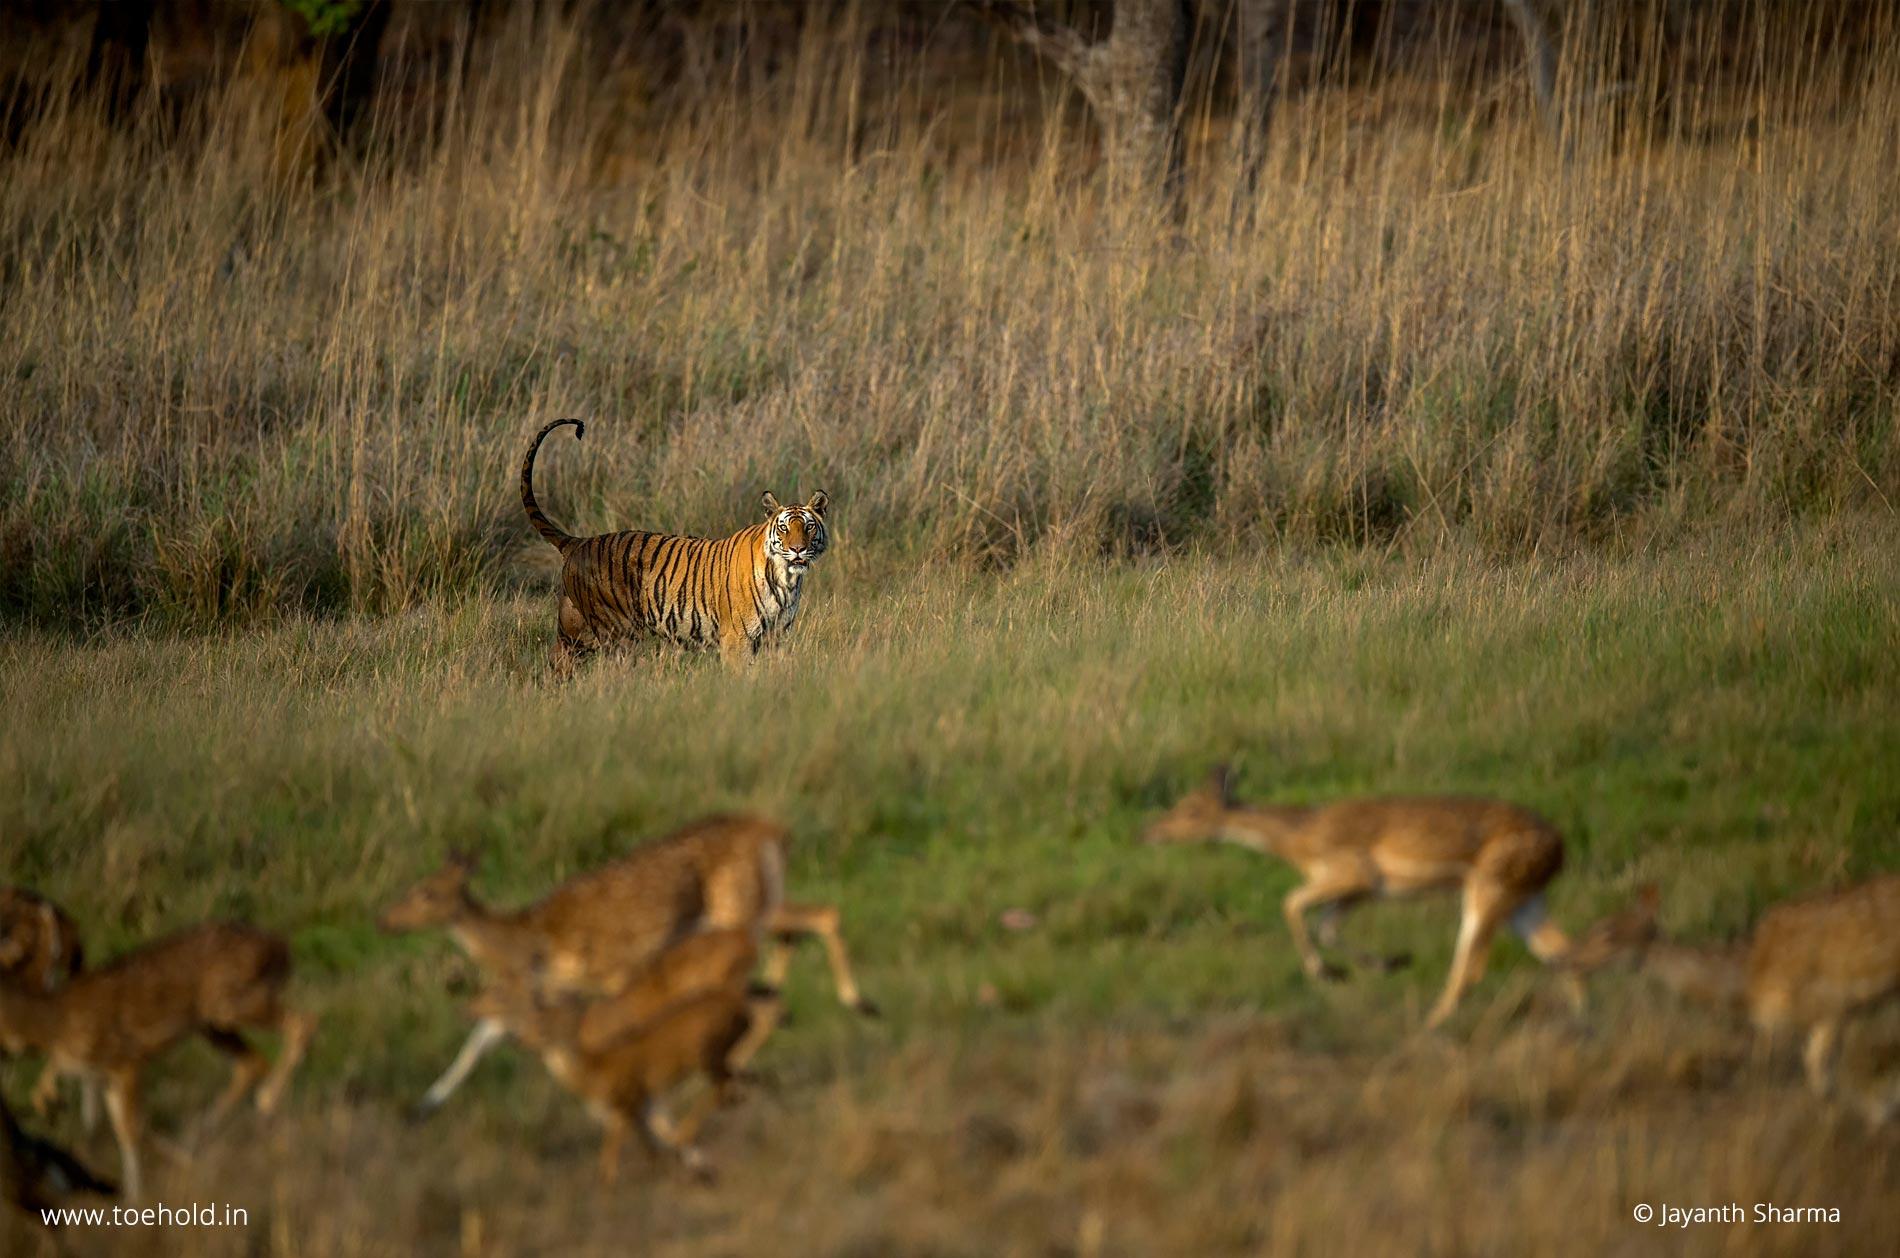 Tiger - Bandhavgarh